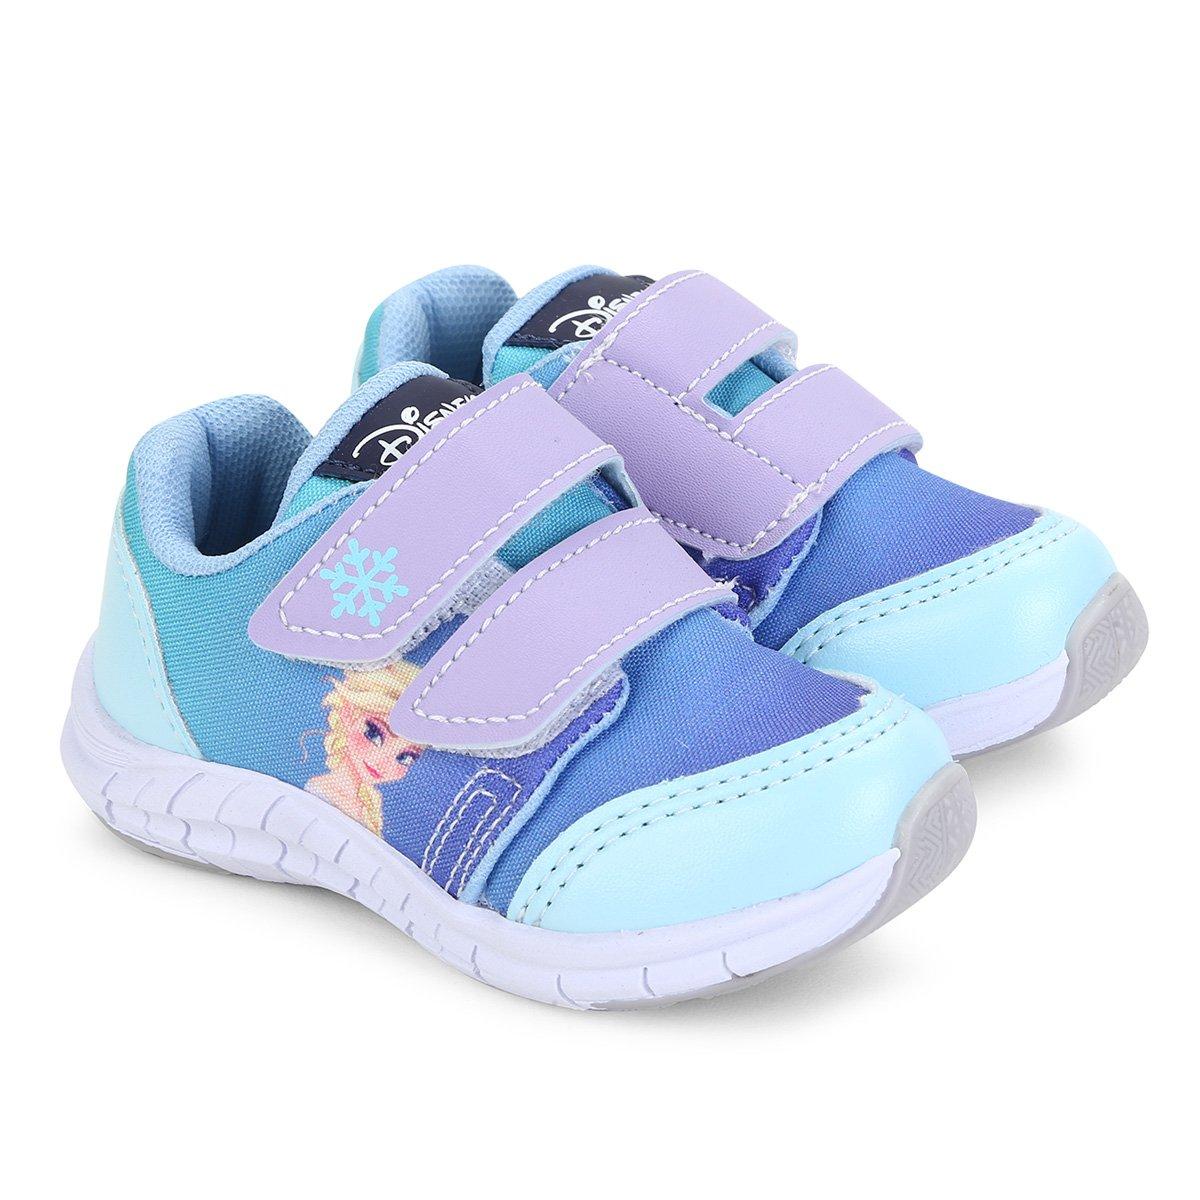 cb525805cce1b Menor preço em Tênis Infantil Disney com Velcro Frozen Feminino - Azul Claro